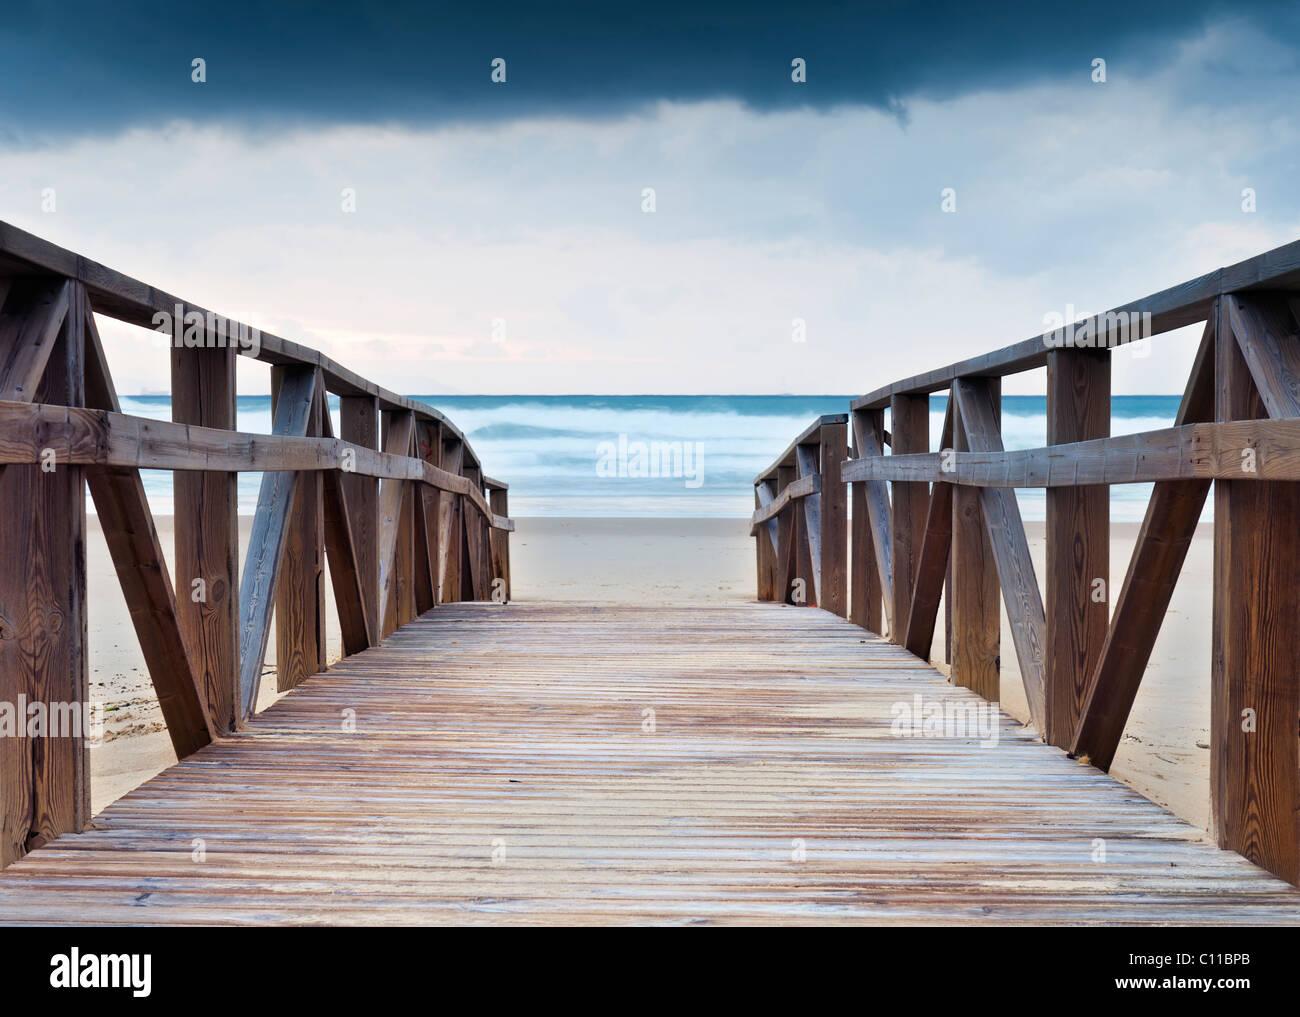 A wooden path leading to the beach. Tarifa, Costa de la Luz, Cadiz, Andalusia, Spain. - Stock Image